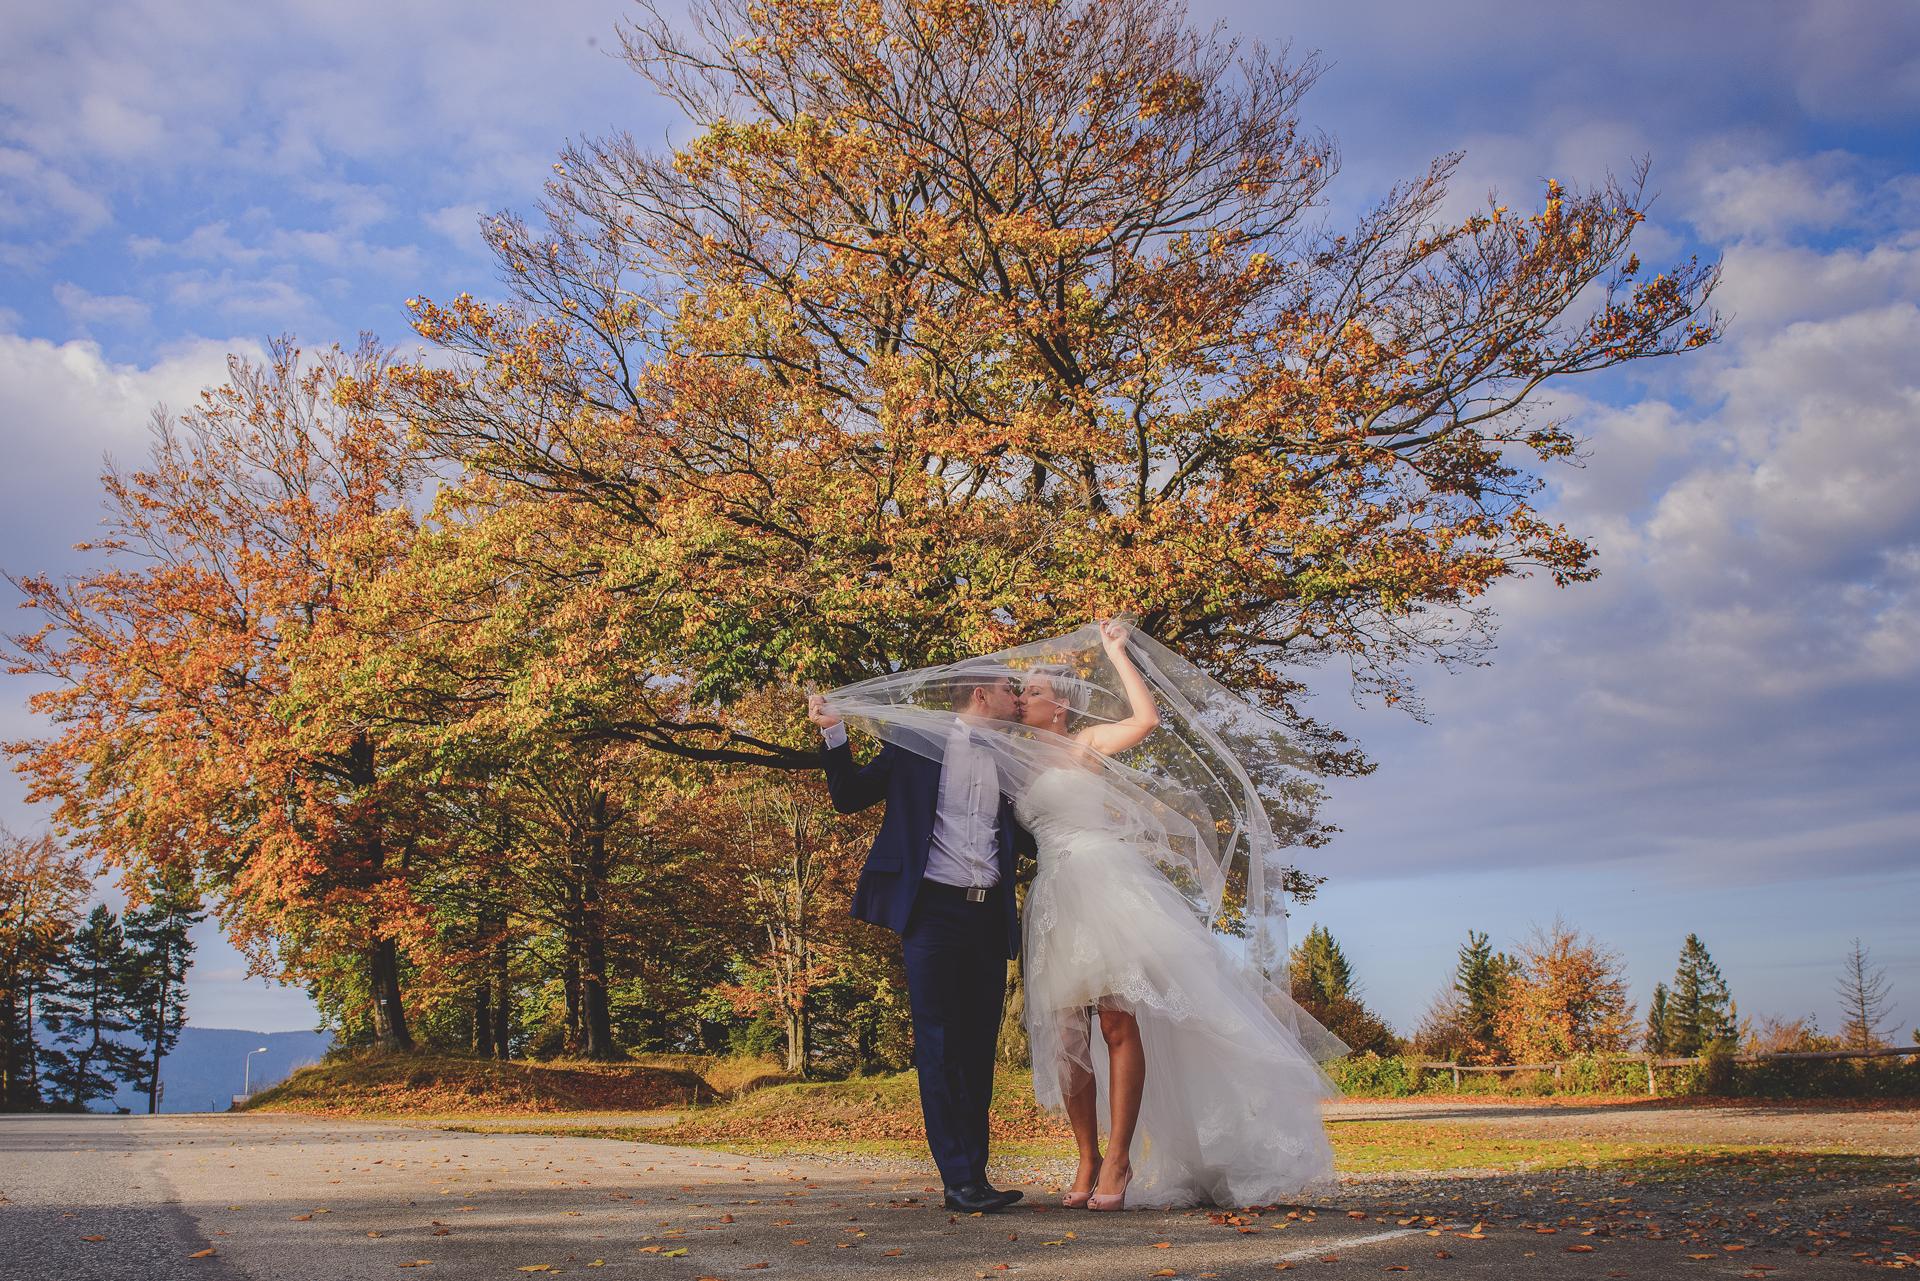 Złota jesień kreatywny kadr Kęty Bielsko-Biała Para Młoda welon niebo niebieskie